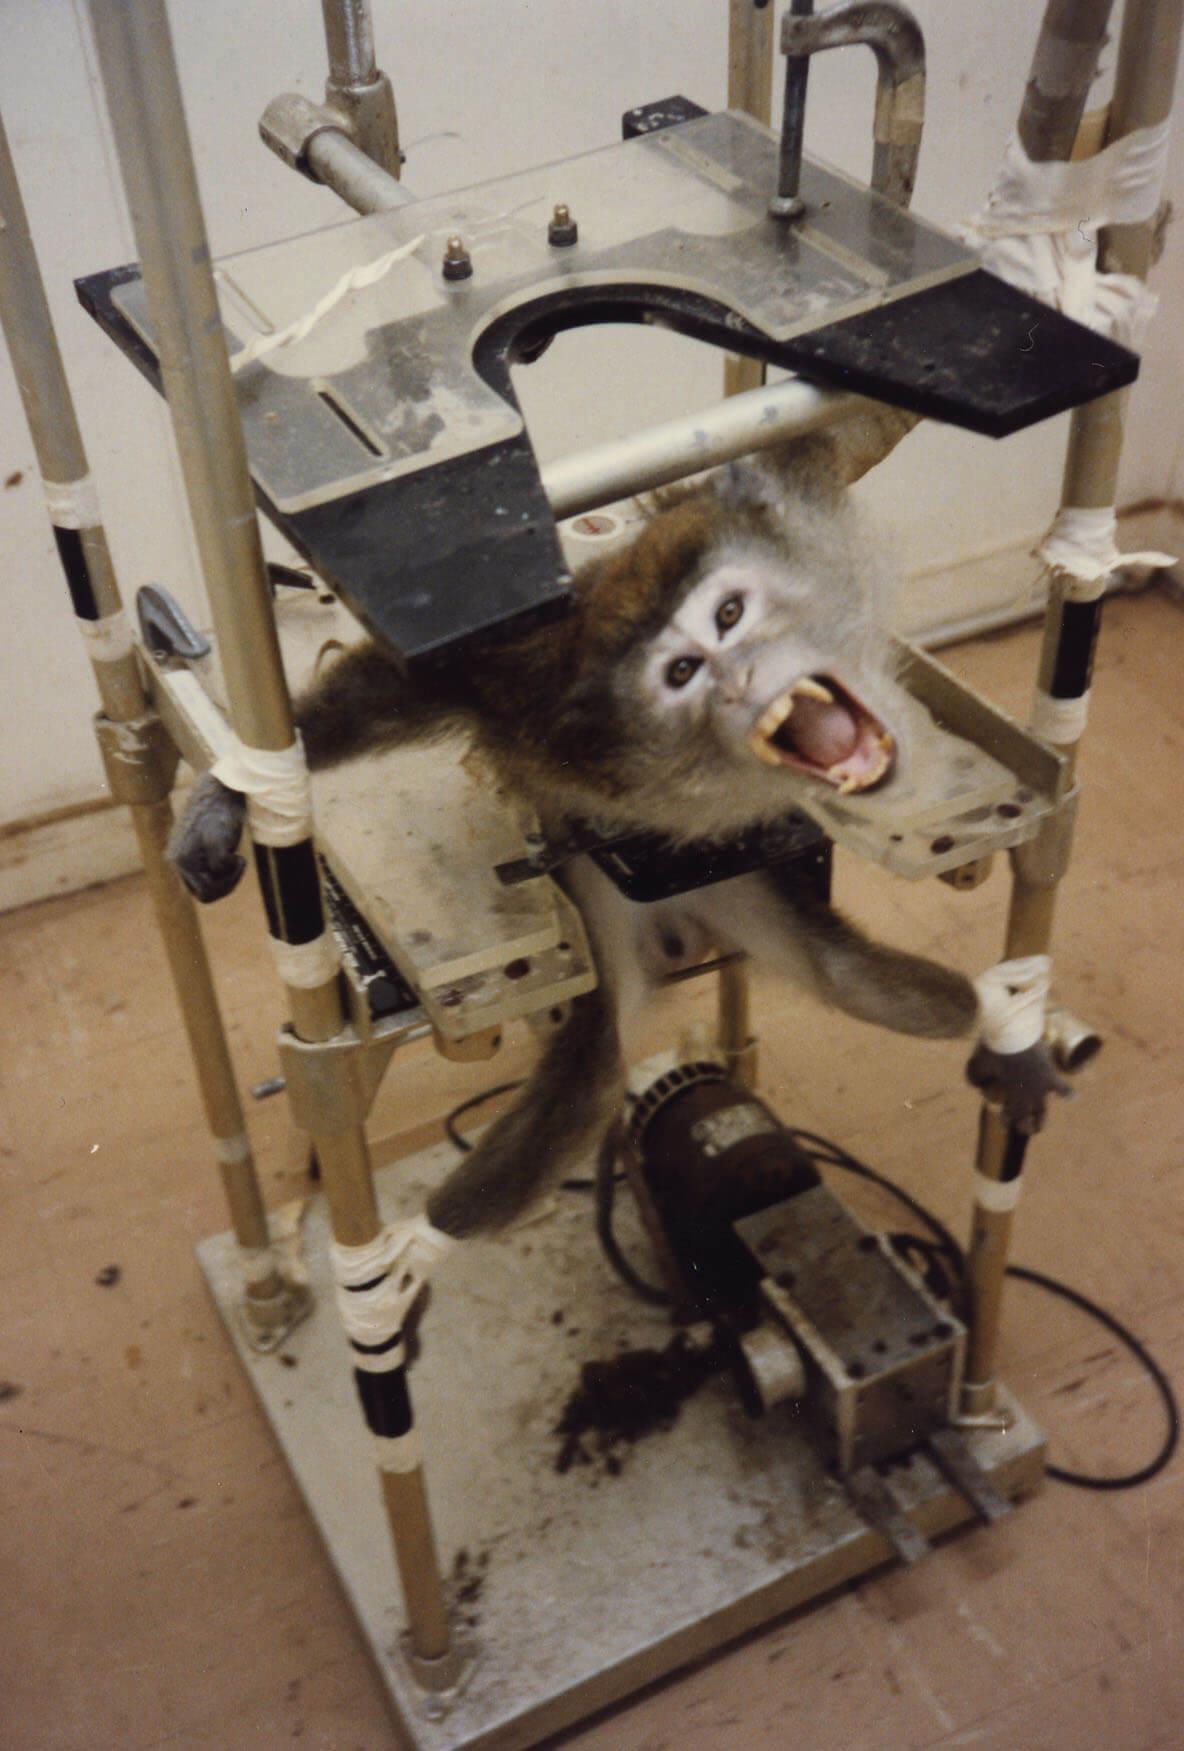 Animal Abuse Monkeys Broken And Abused Monkeys